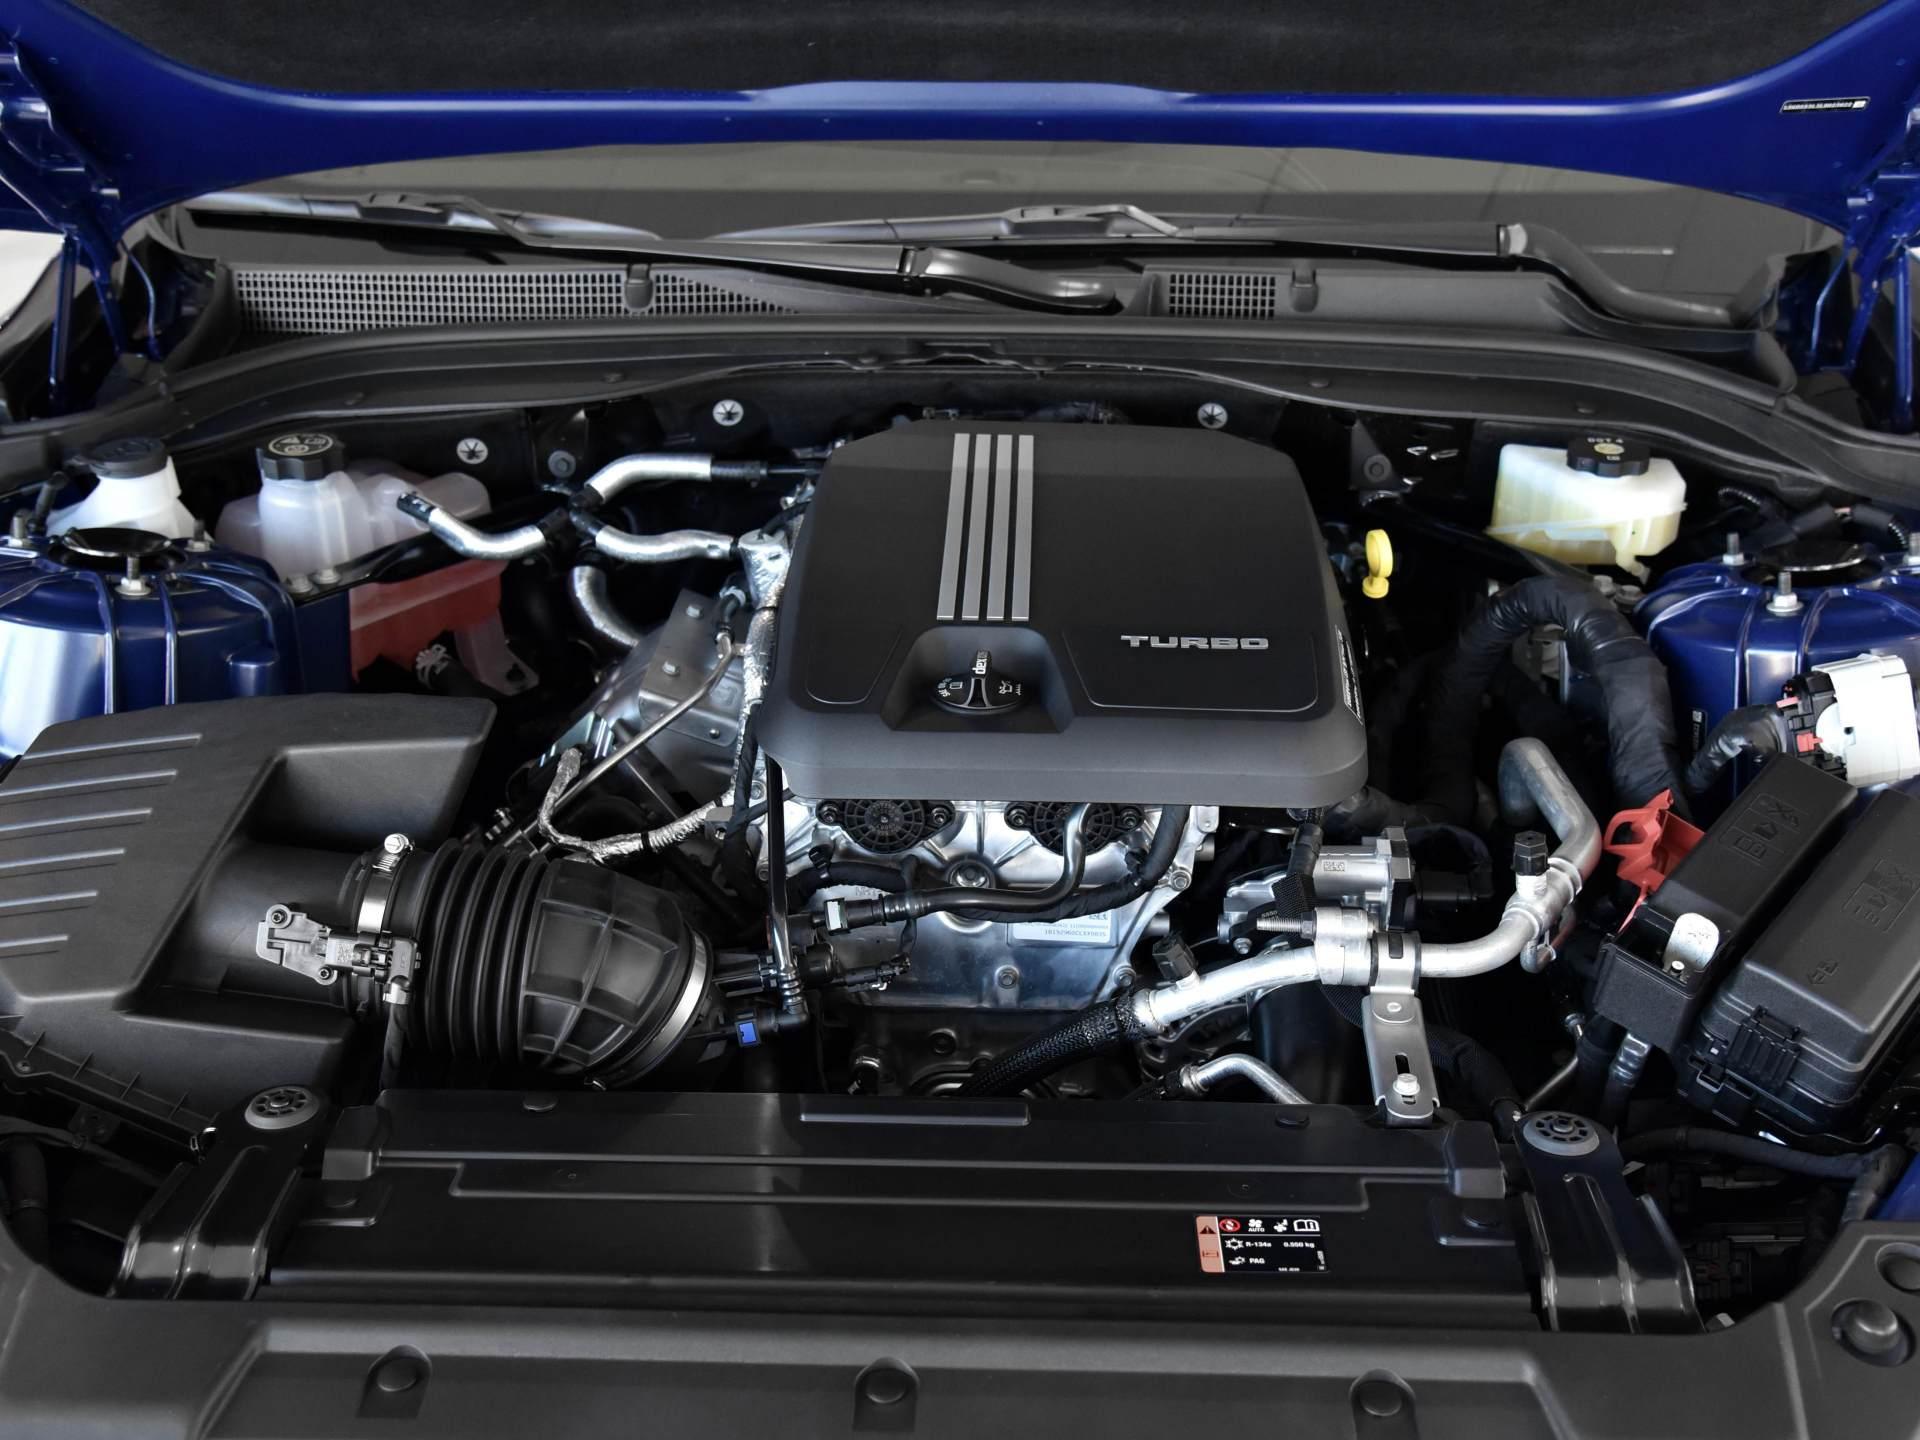 凱迪拉克發力!豪華中型車跌至25萬,整體品質超越雅閣-圖5